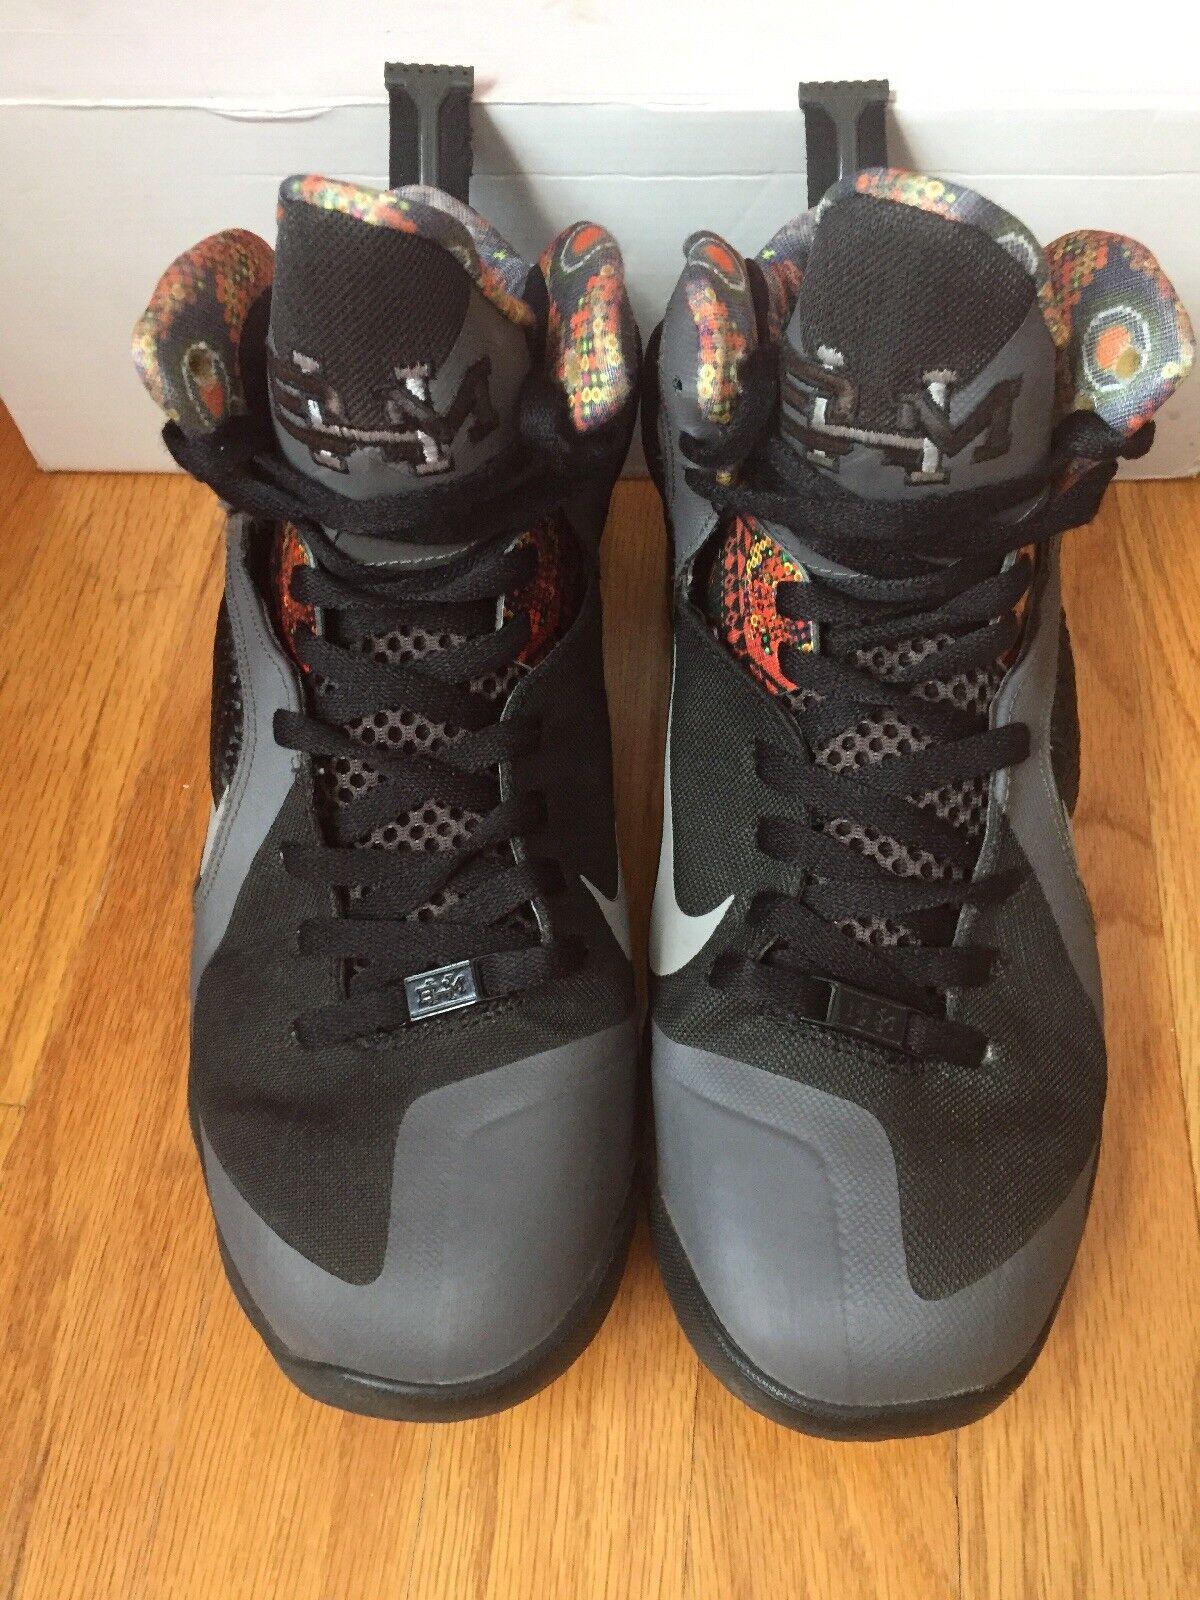 Nike Lebron 9 BHM 530962 Midnight Fog/Black Size 9.5 530962 BHM 001 190acd